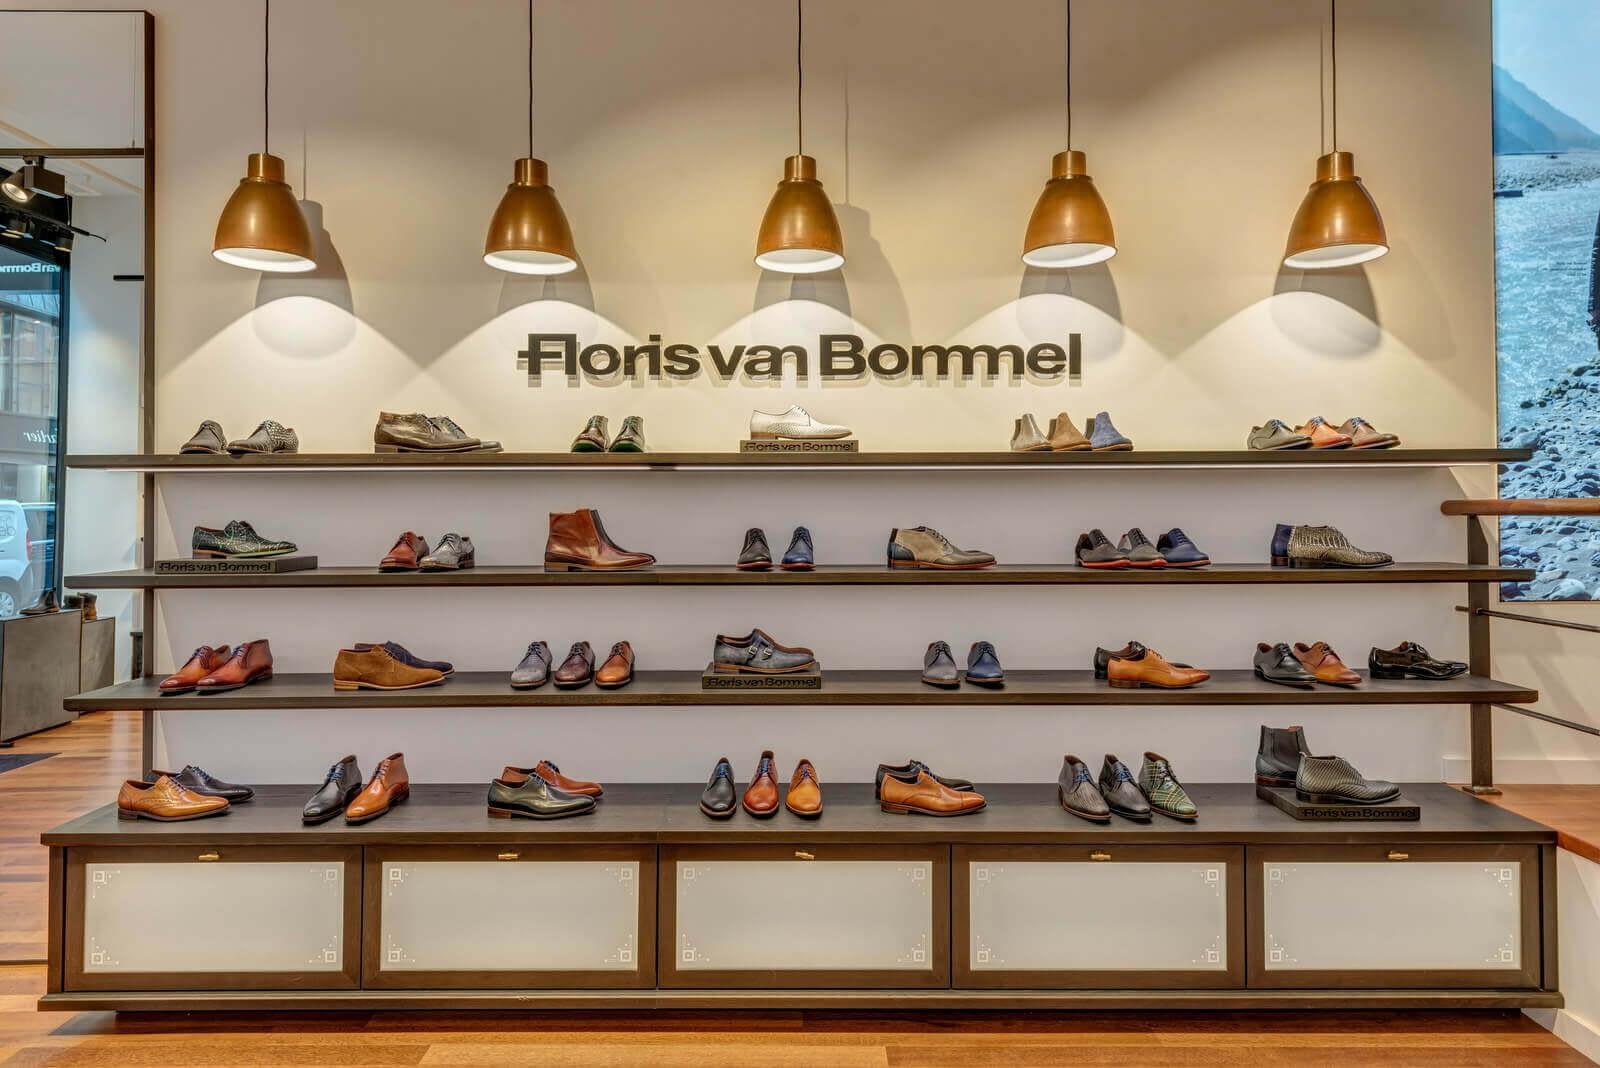 einzelhandel-fotograf-hamburg-retail-shop-interieur-laden-business-4